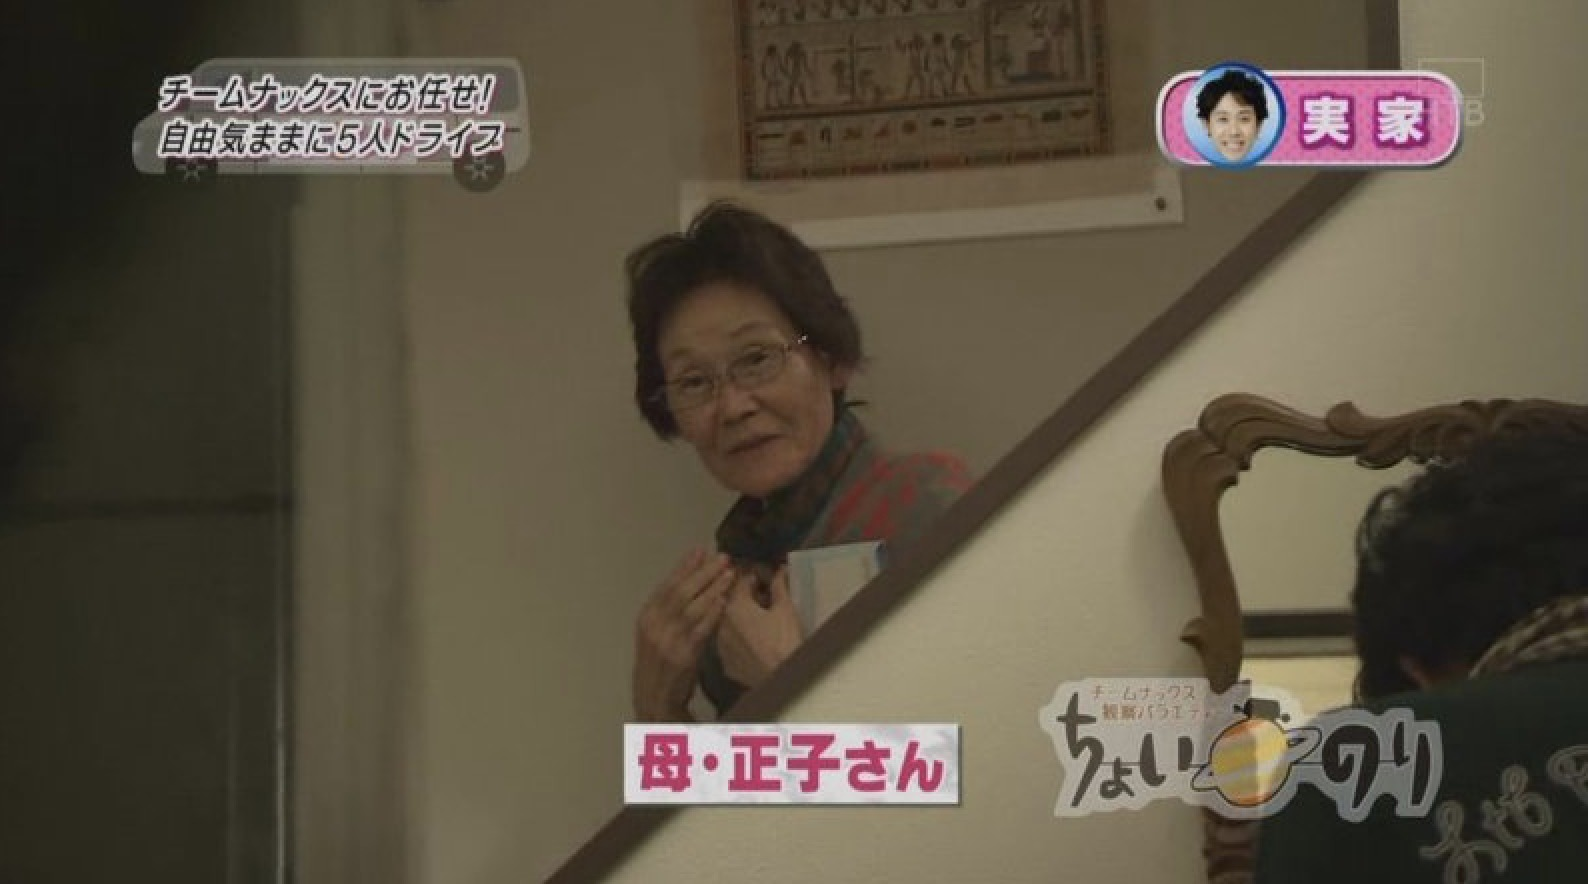 大泉洋さんの母親の画像